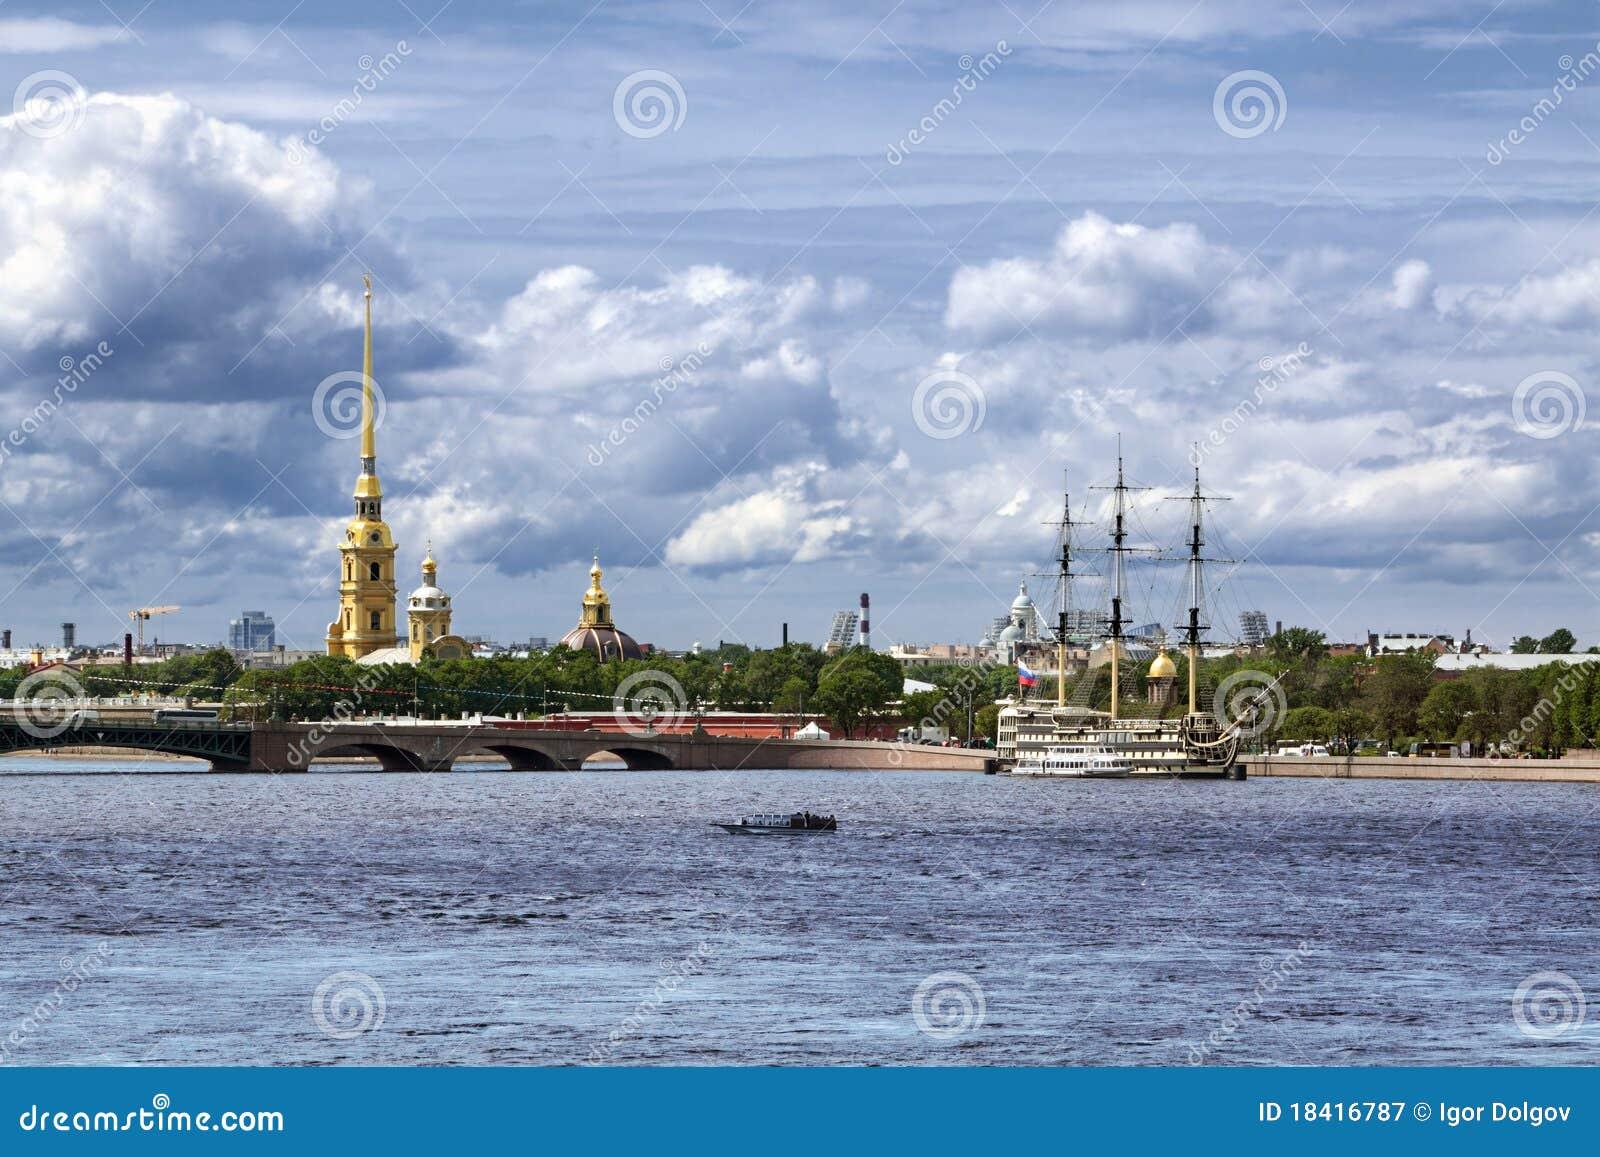 St.-Petersburg